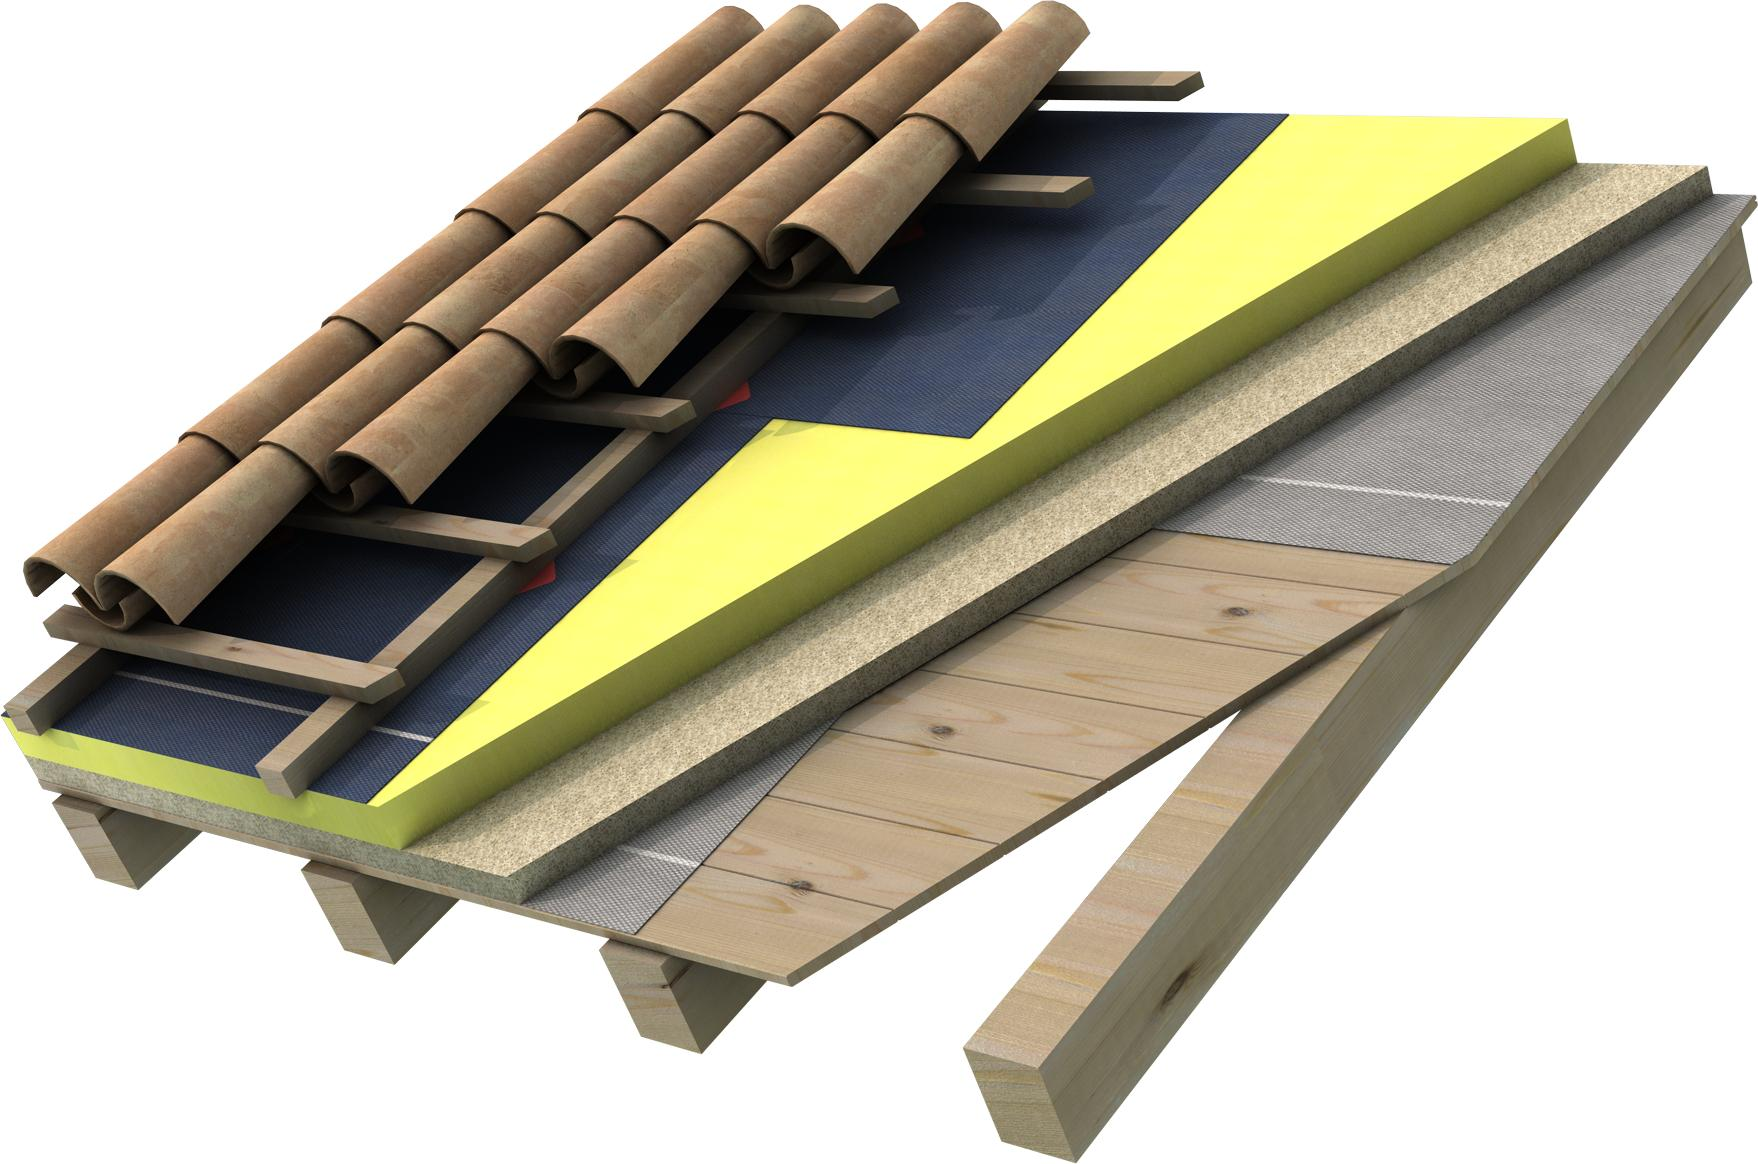 Stratigrafia tetto ventilato in legno